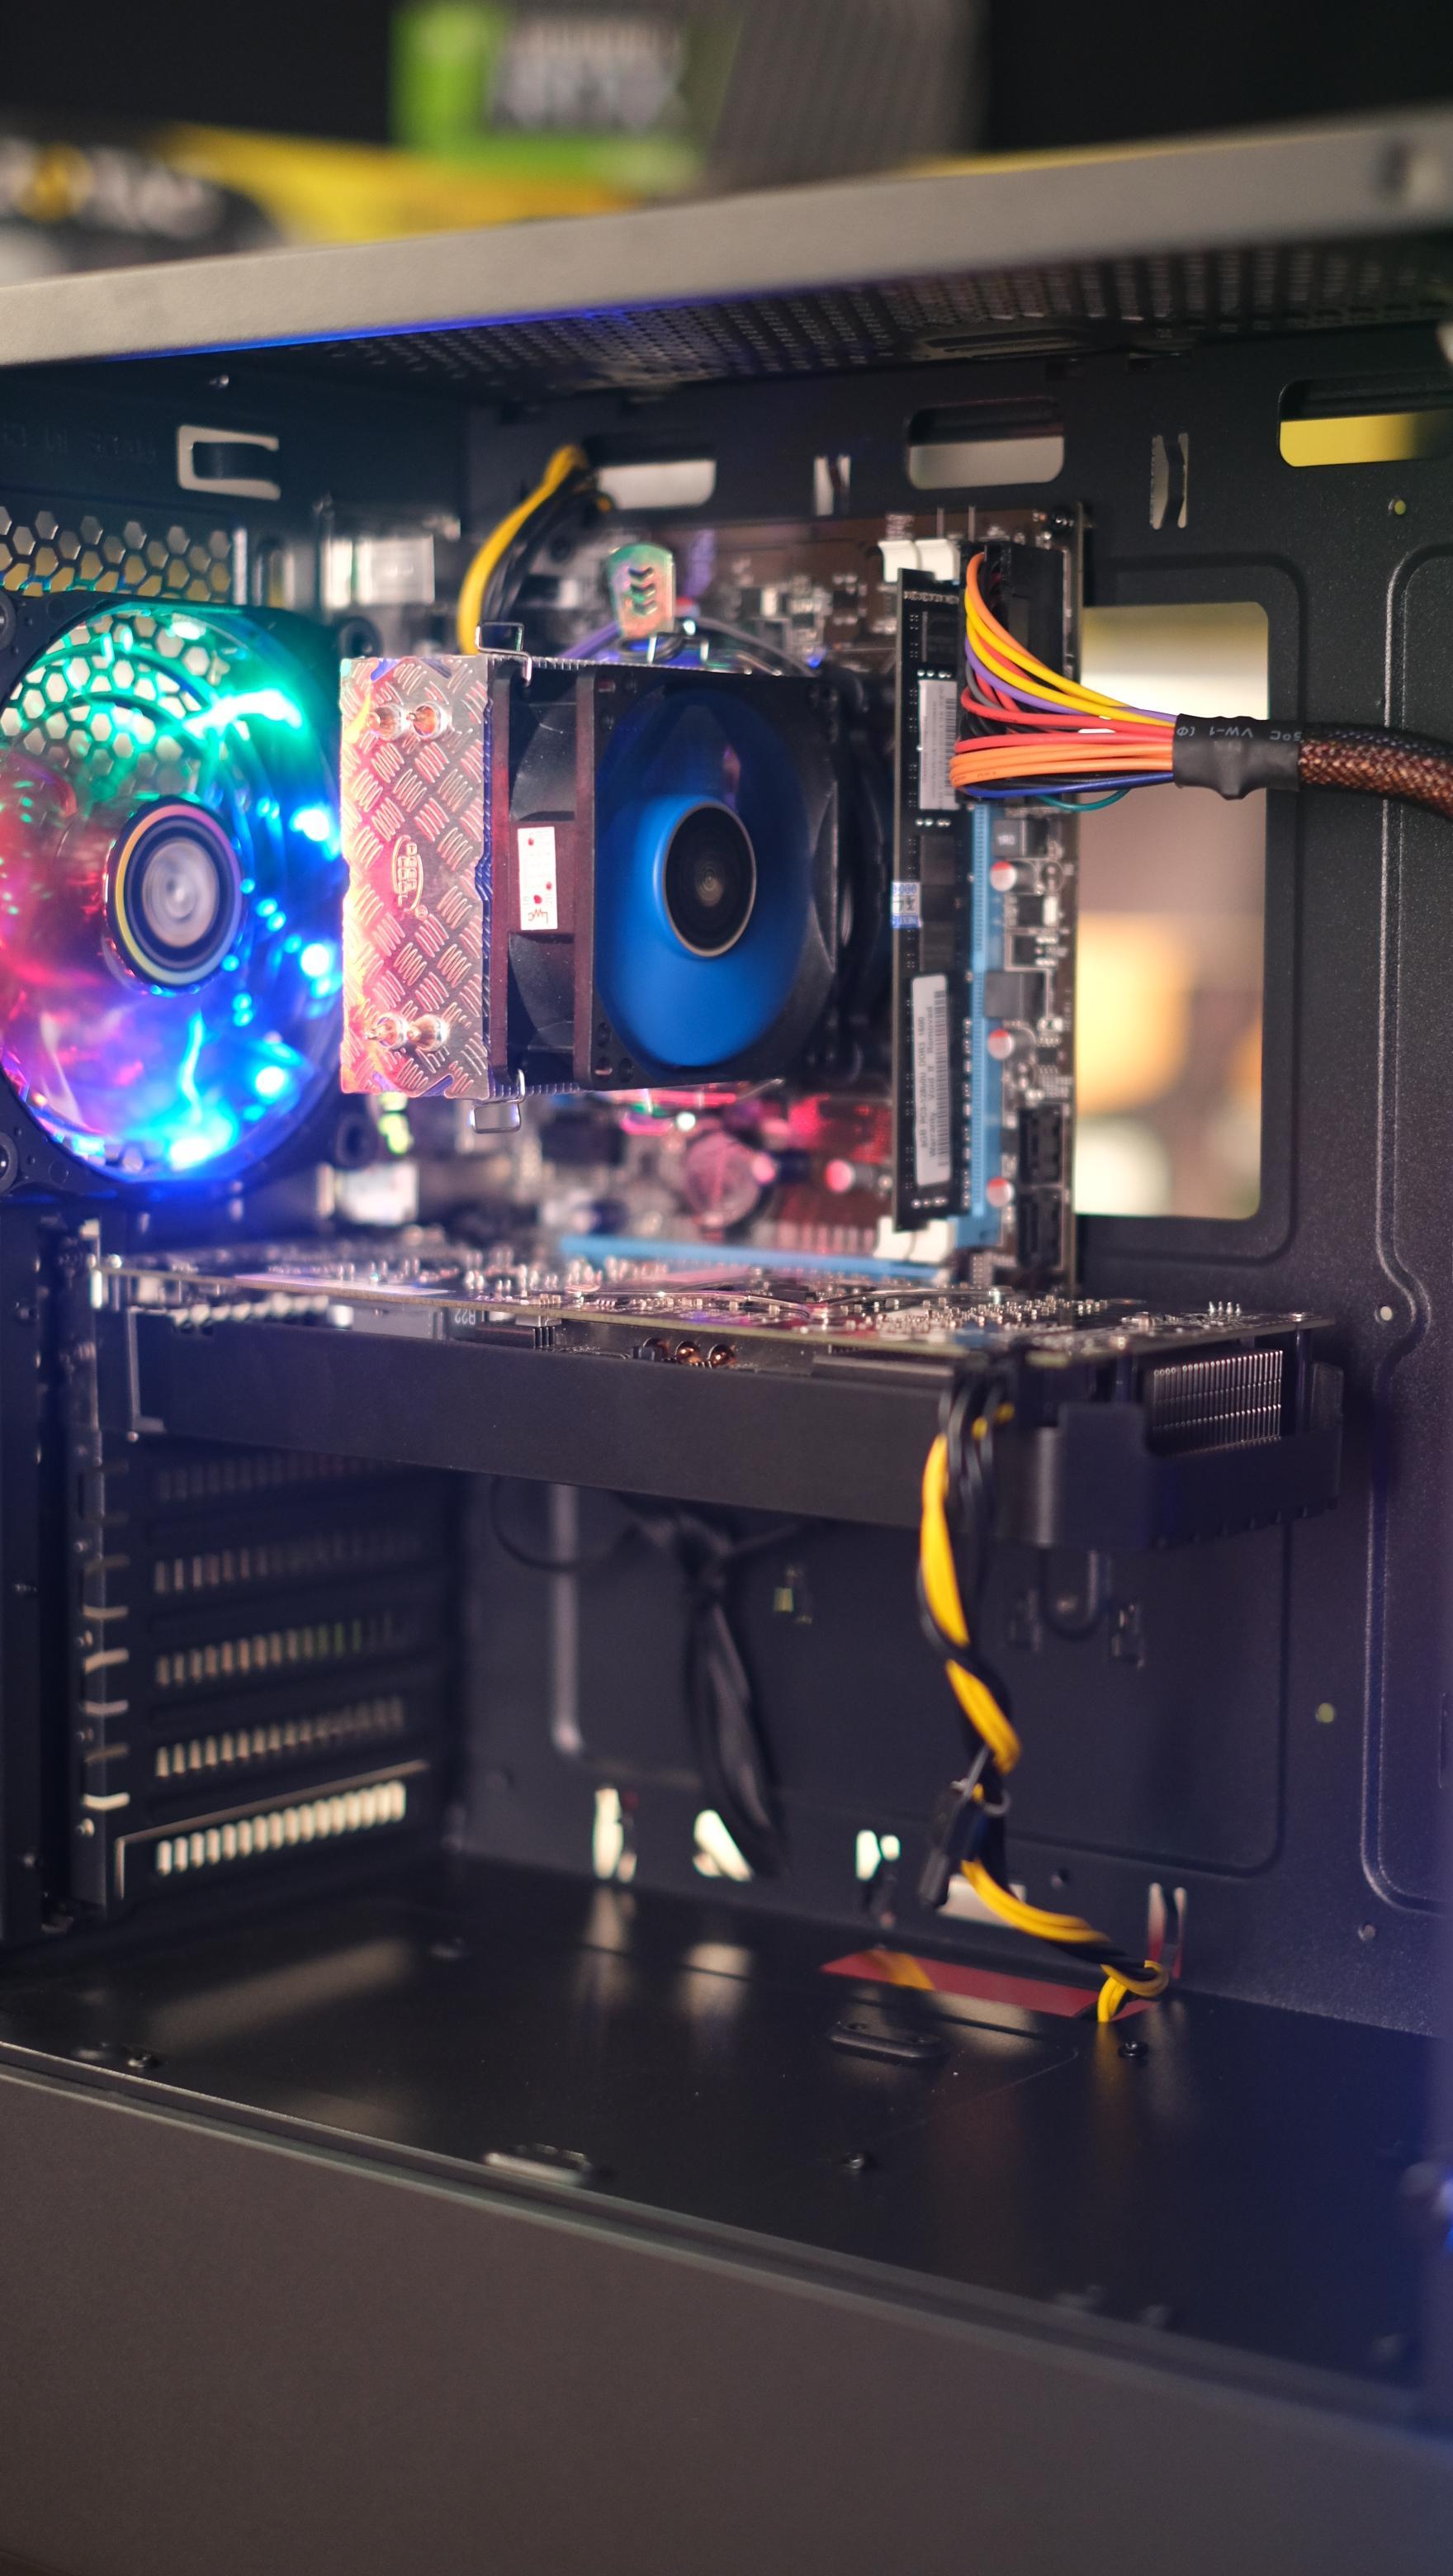 INTEL i5-3570 3 8 Ghz 4C 4T / 8GB / AMD RX 580 8GB / SSD 240 หรือ 1TB /  580W / CASE